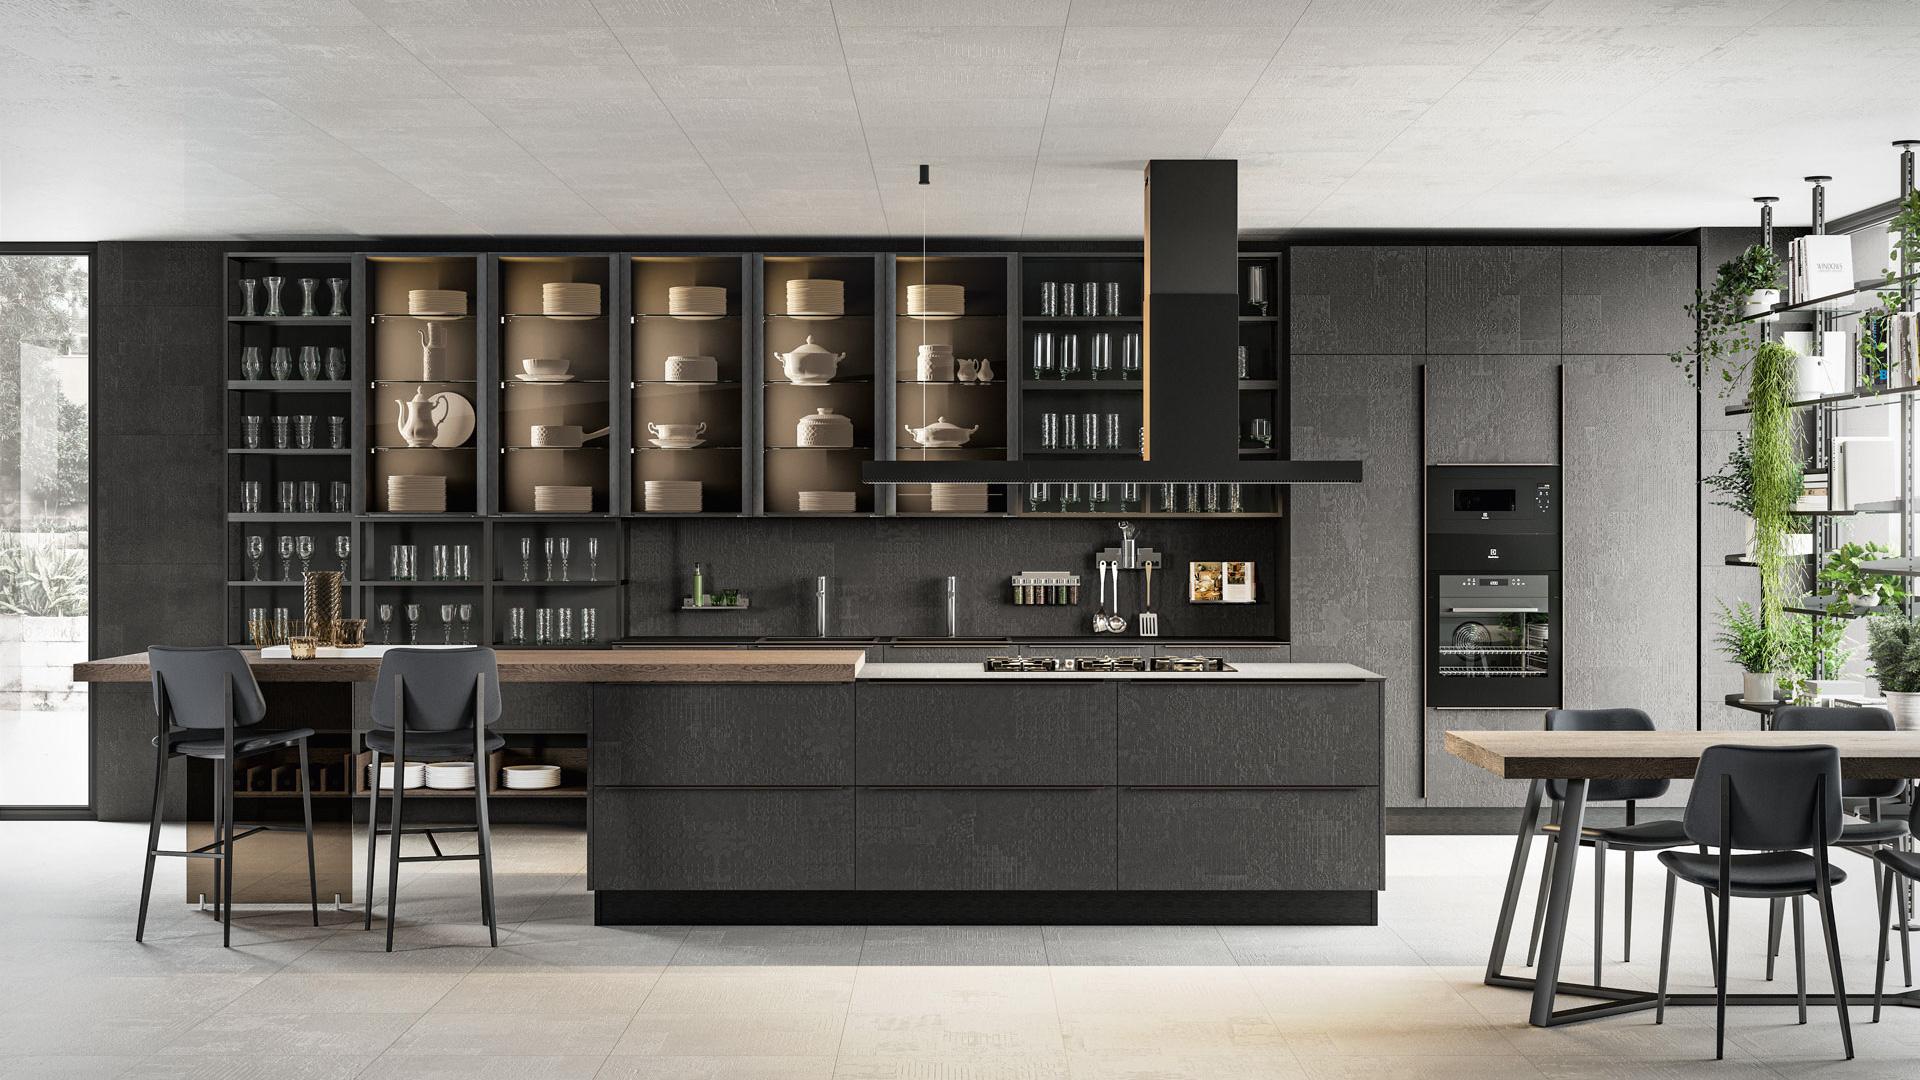 cucina-moderna-lube-l-economica-grugliasco-collegno-negozio-mobili-arredamento-torino-4